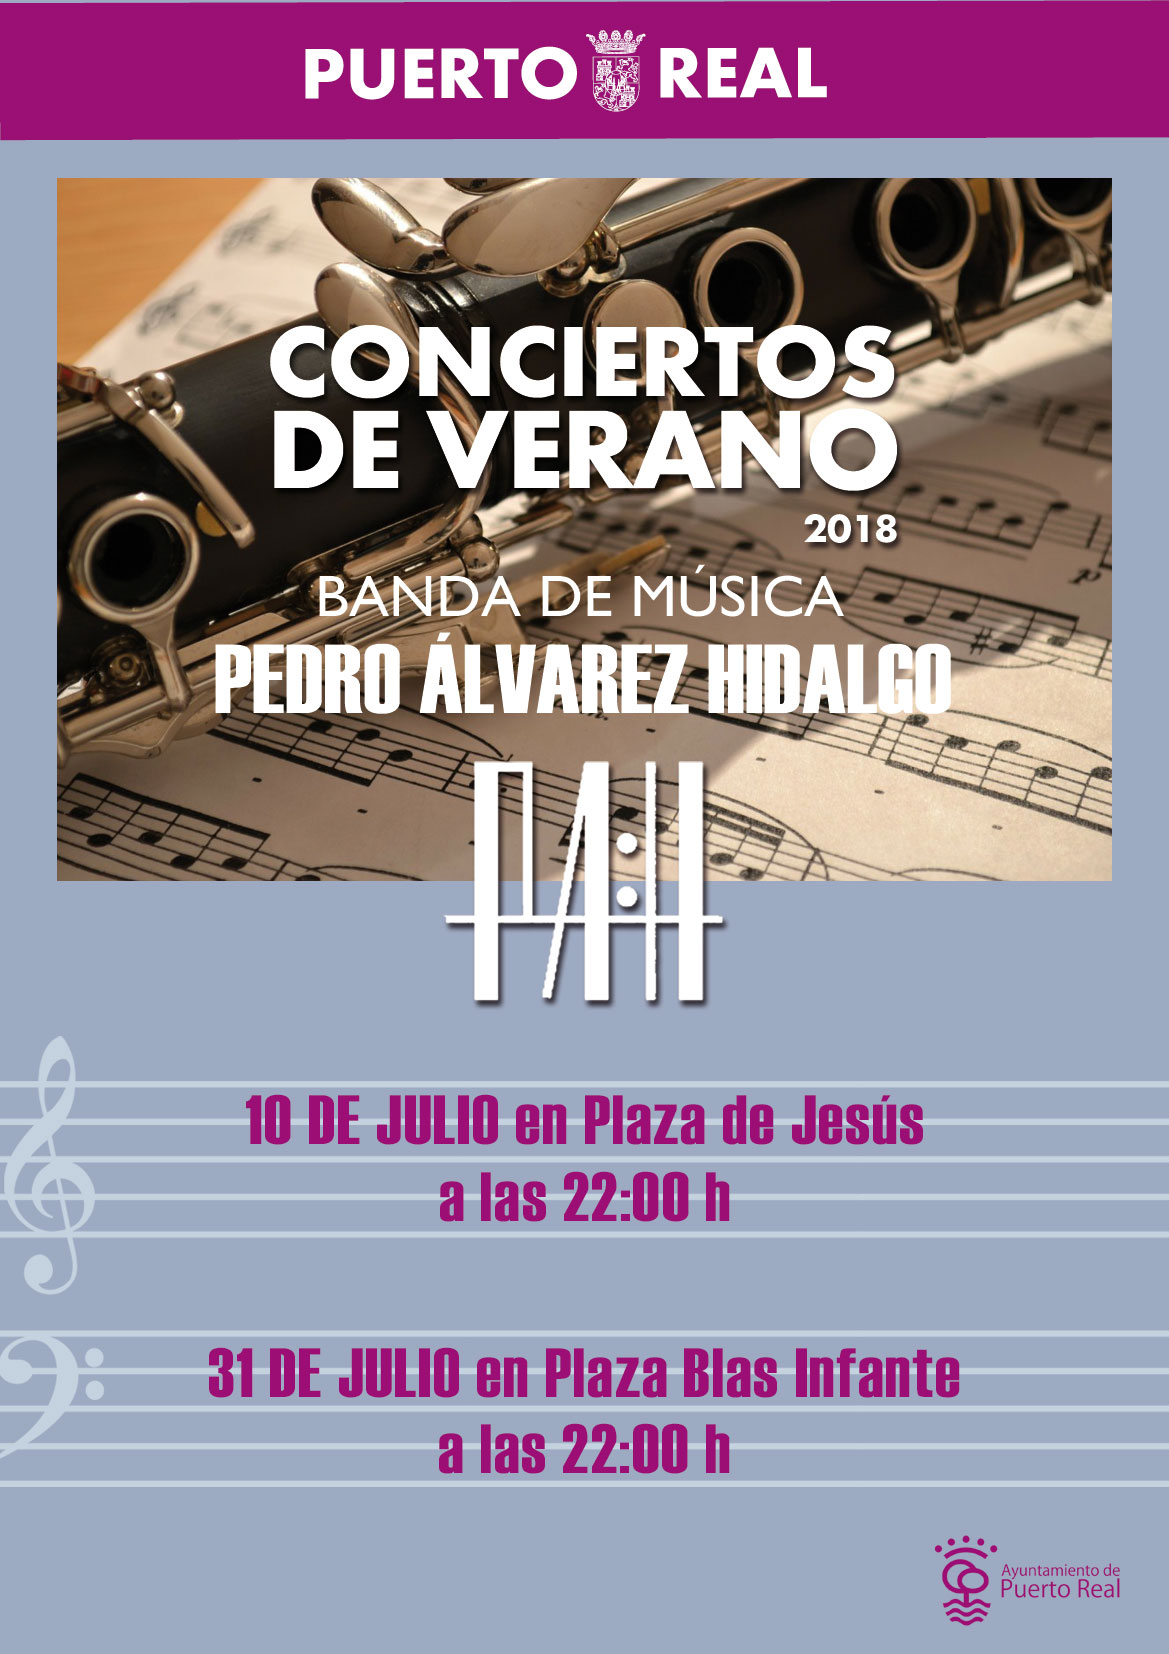 II Concierto de Verano 2018